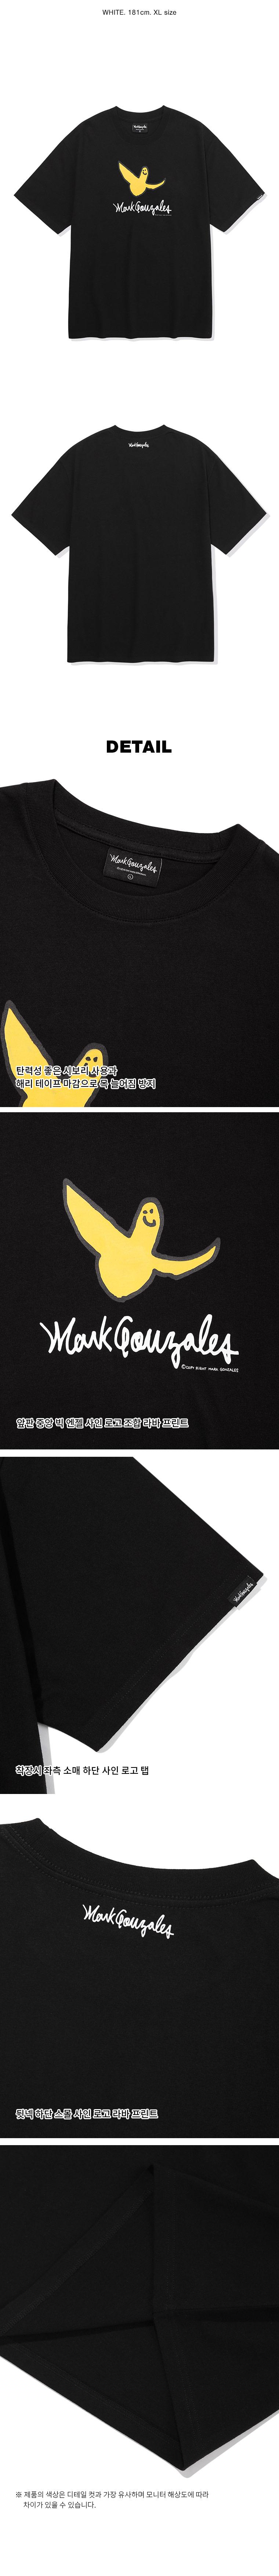 마크 곤잘레스(MARK GONZALES) 엔젤로고 반팔 티셔츠 블랙